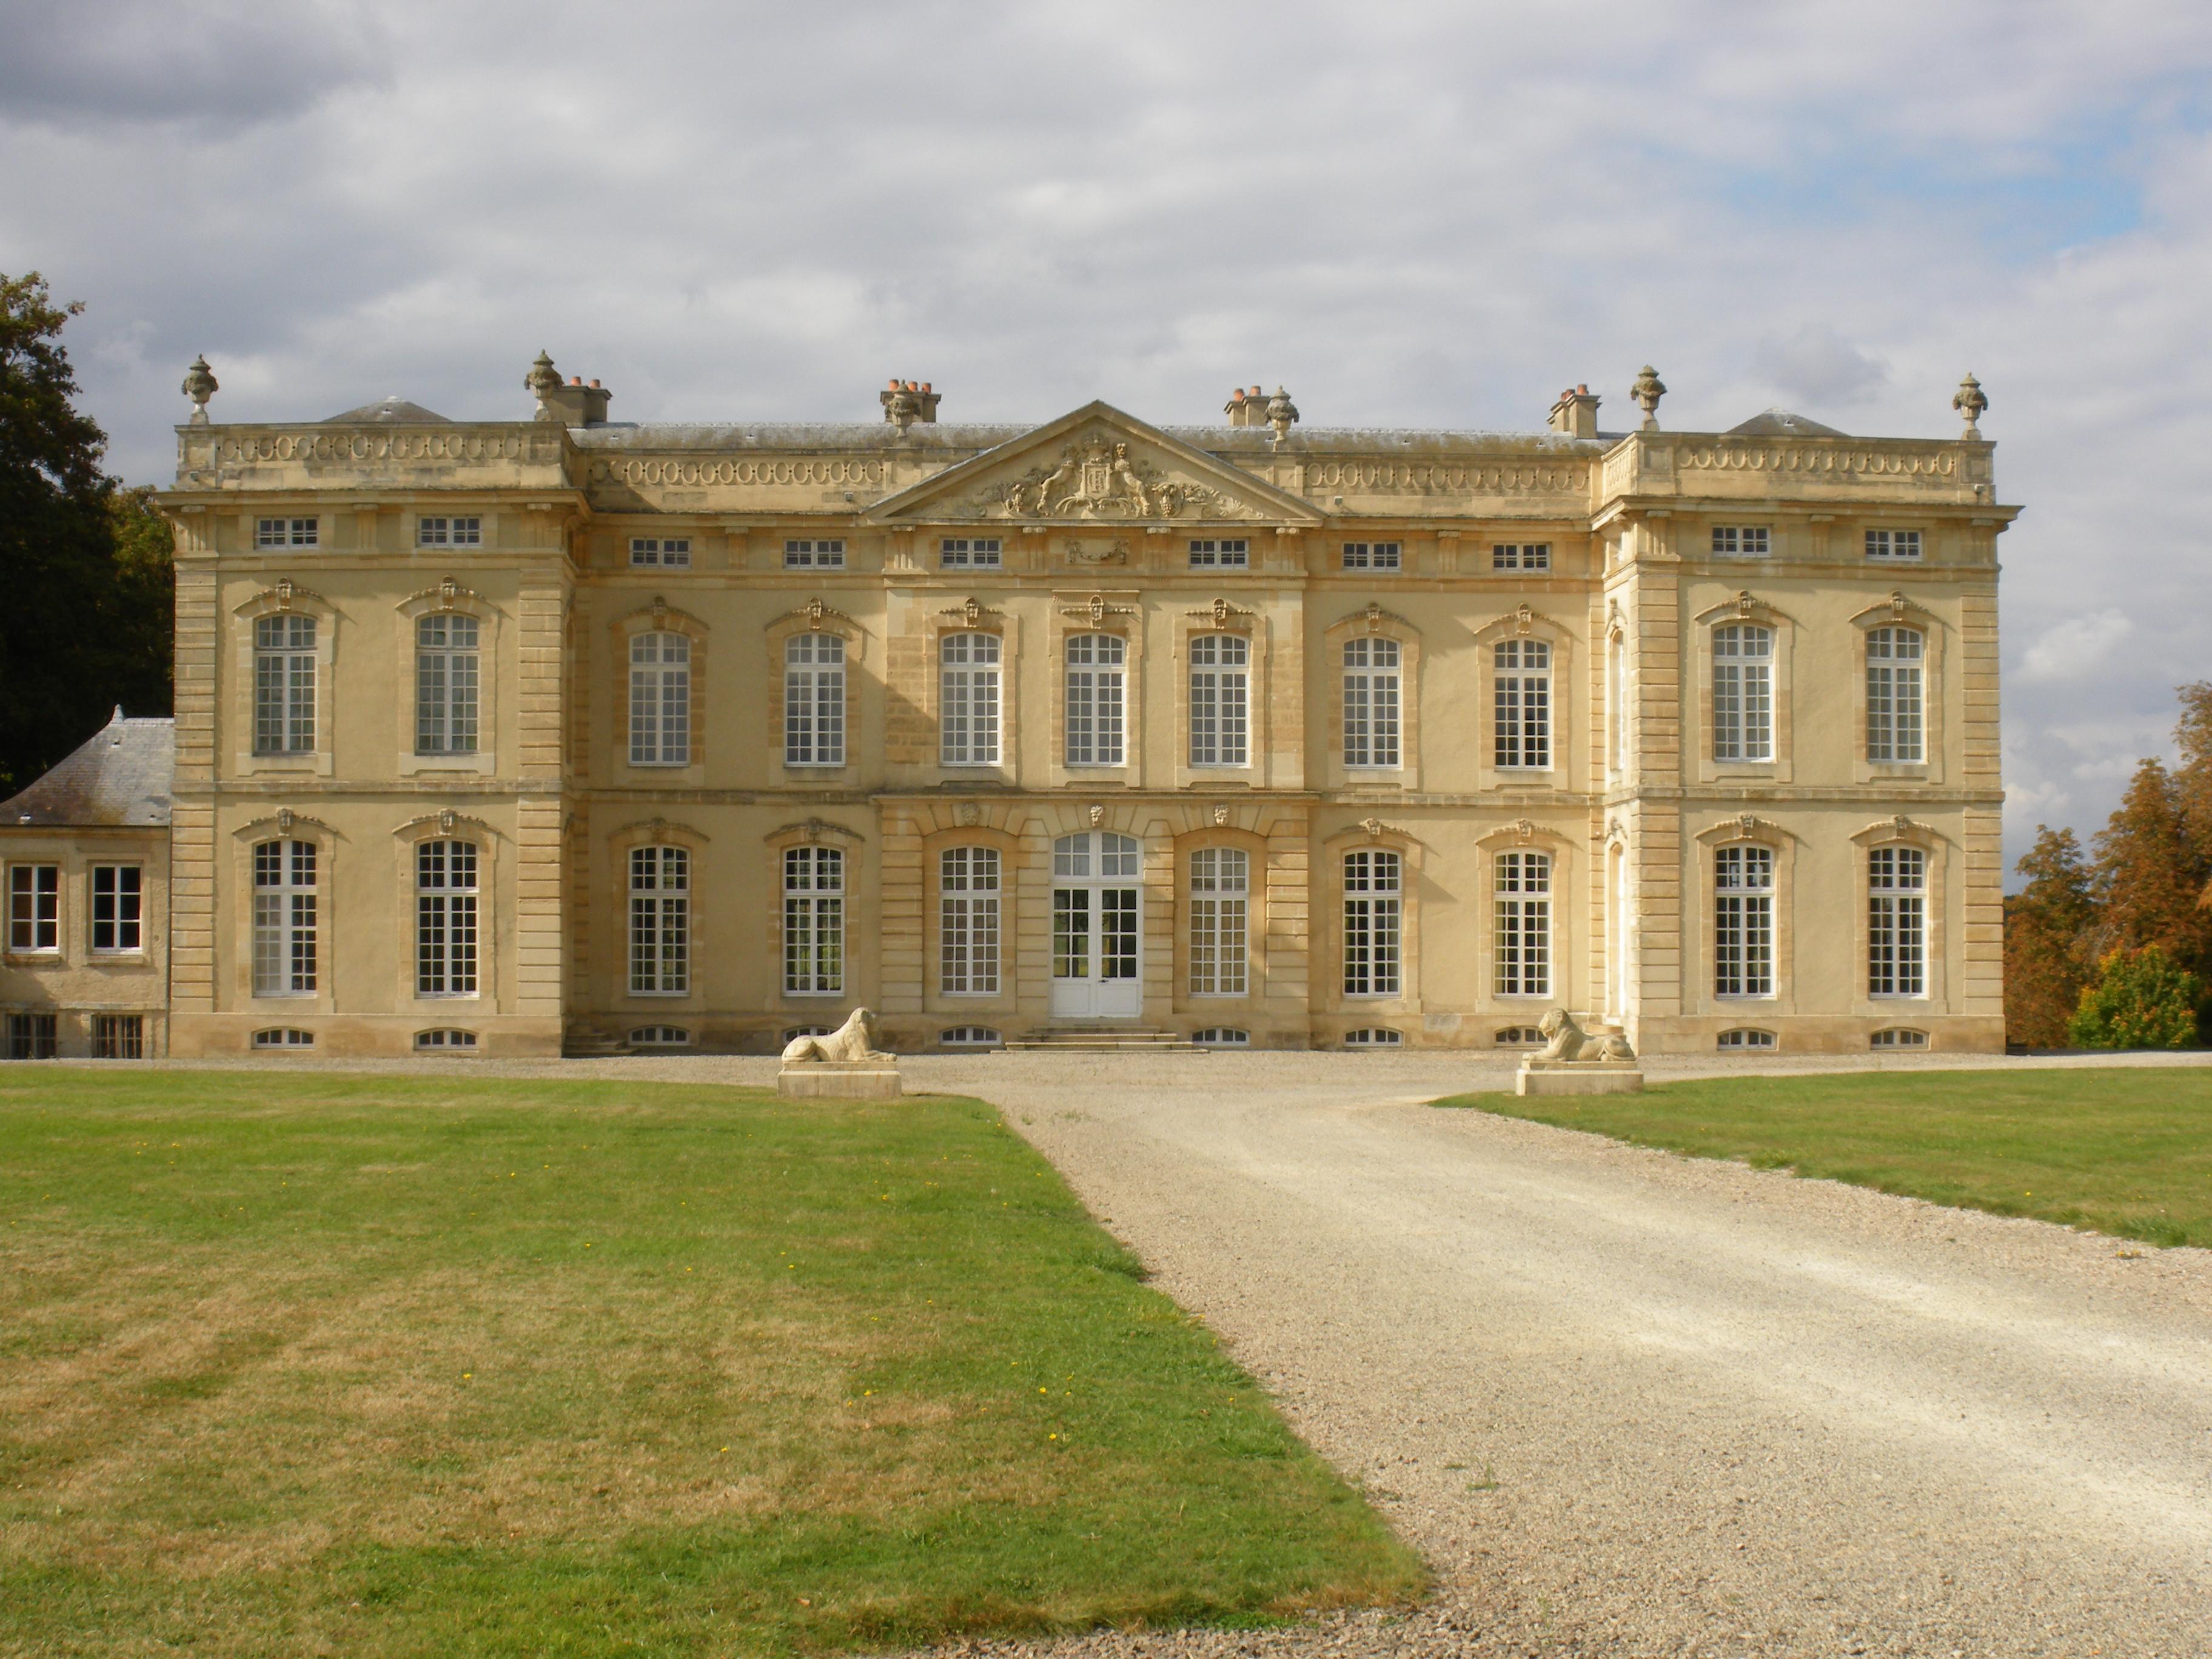 511-chateau_bourg_st_leonard.jpg